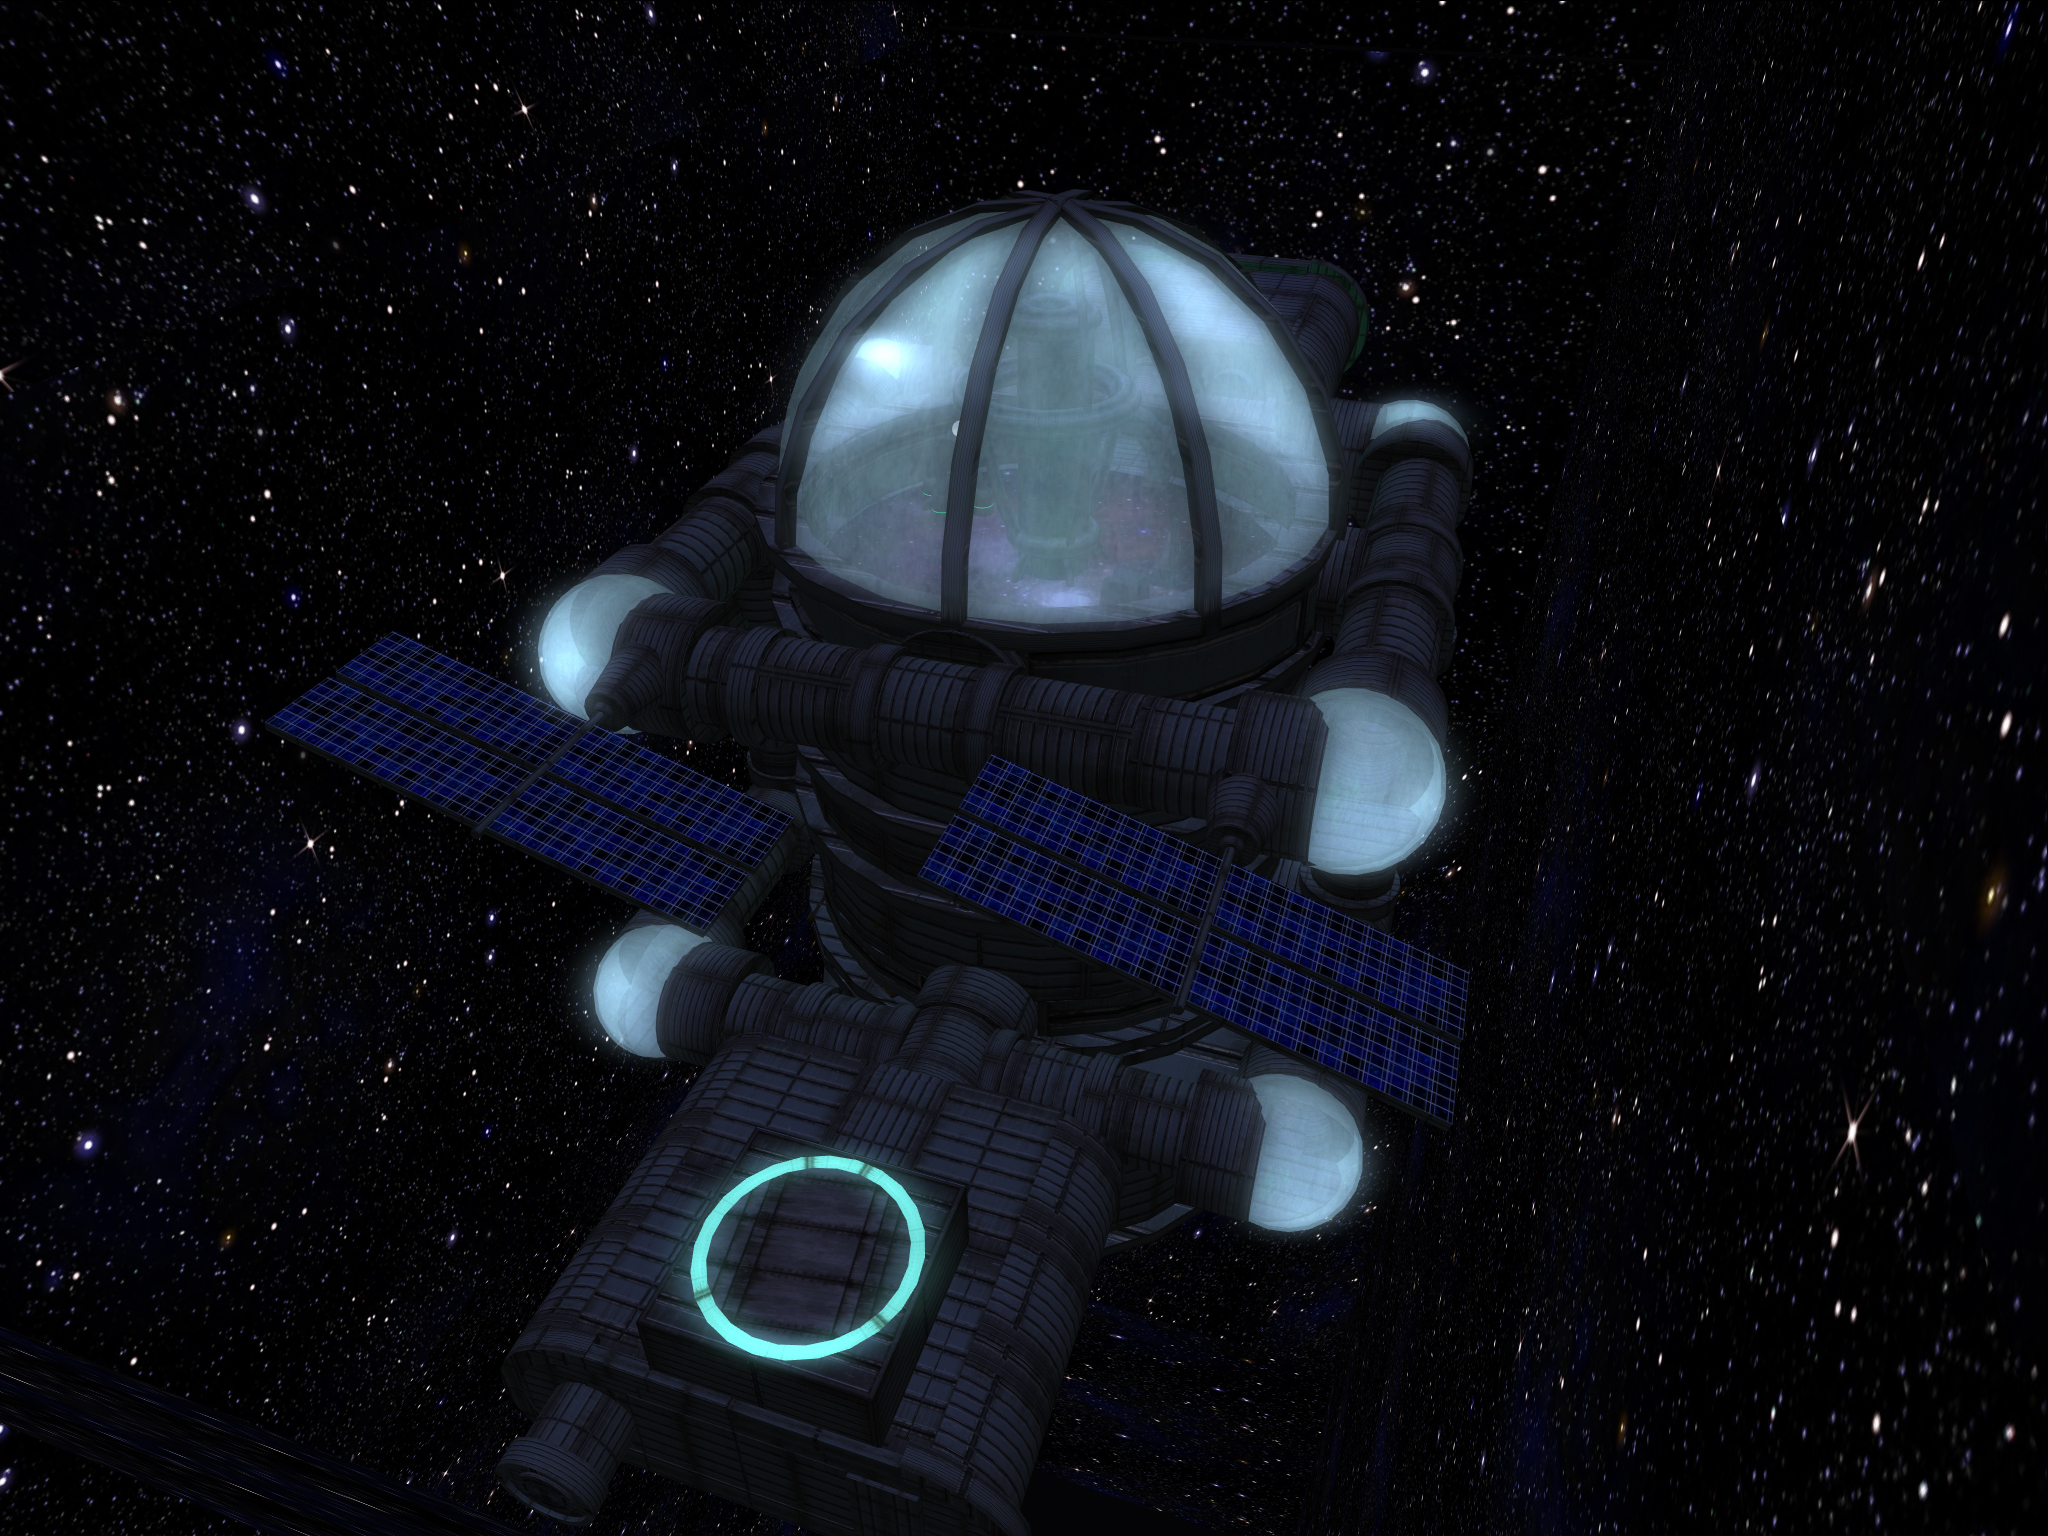 Otavan Opisto avaruusalus